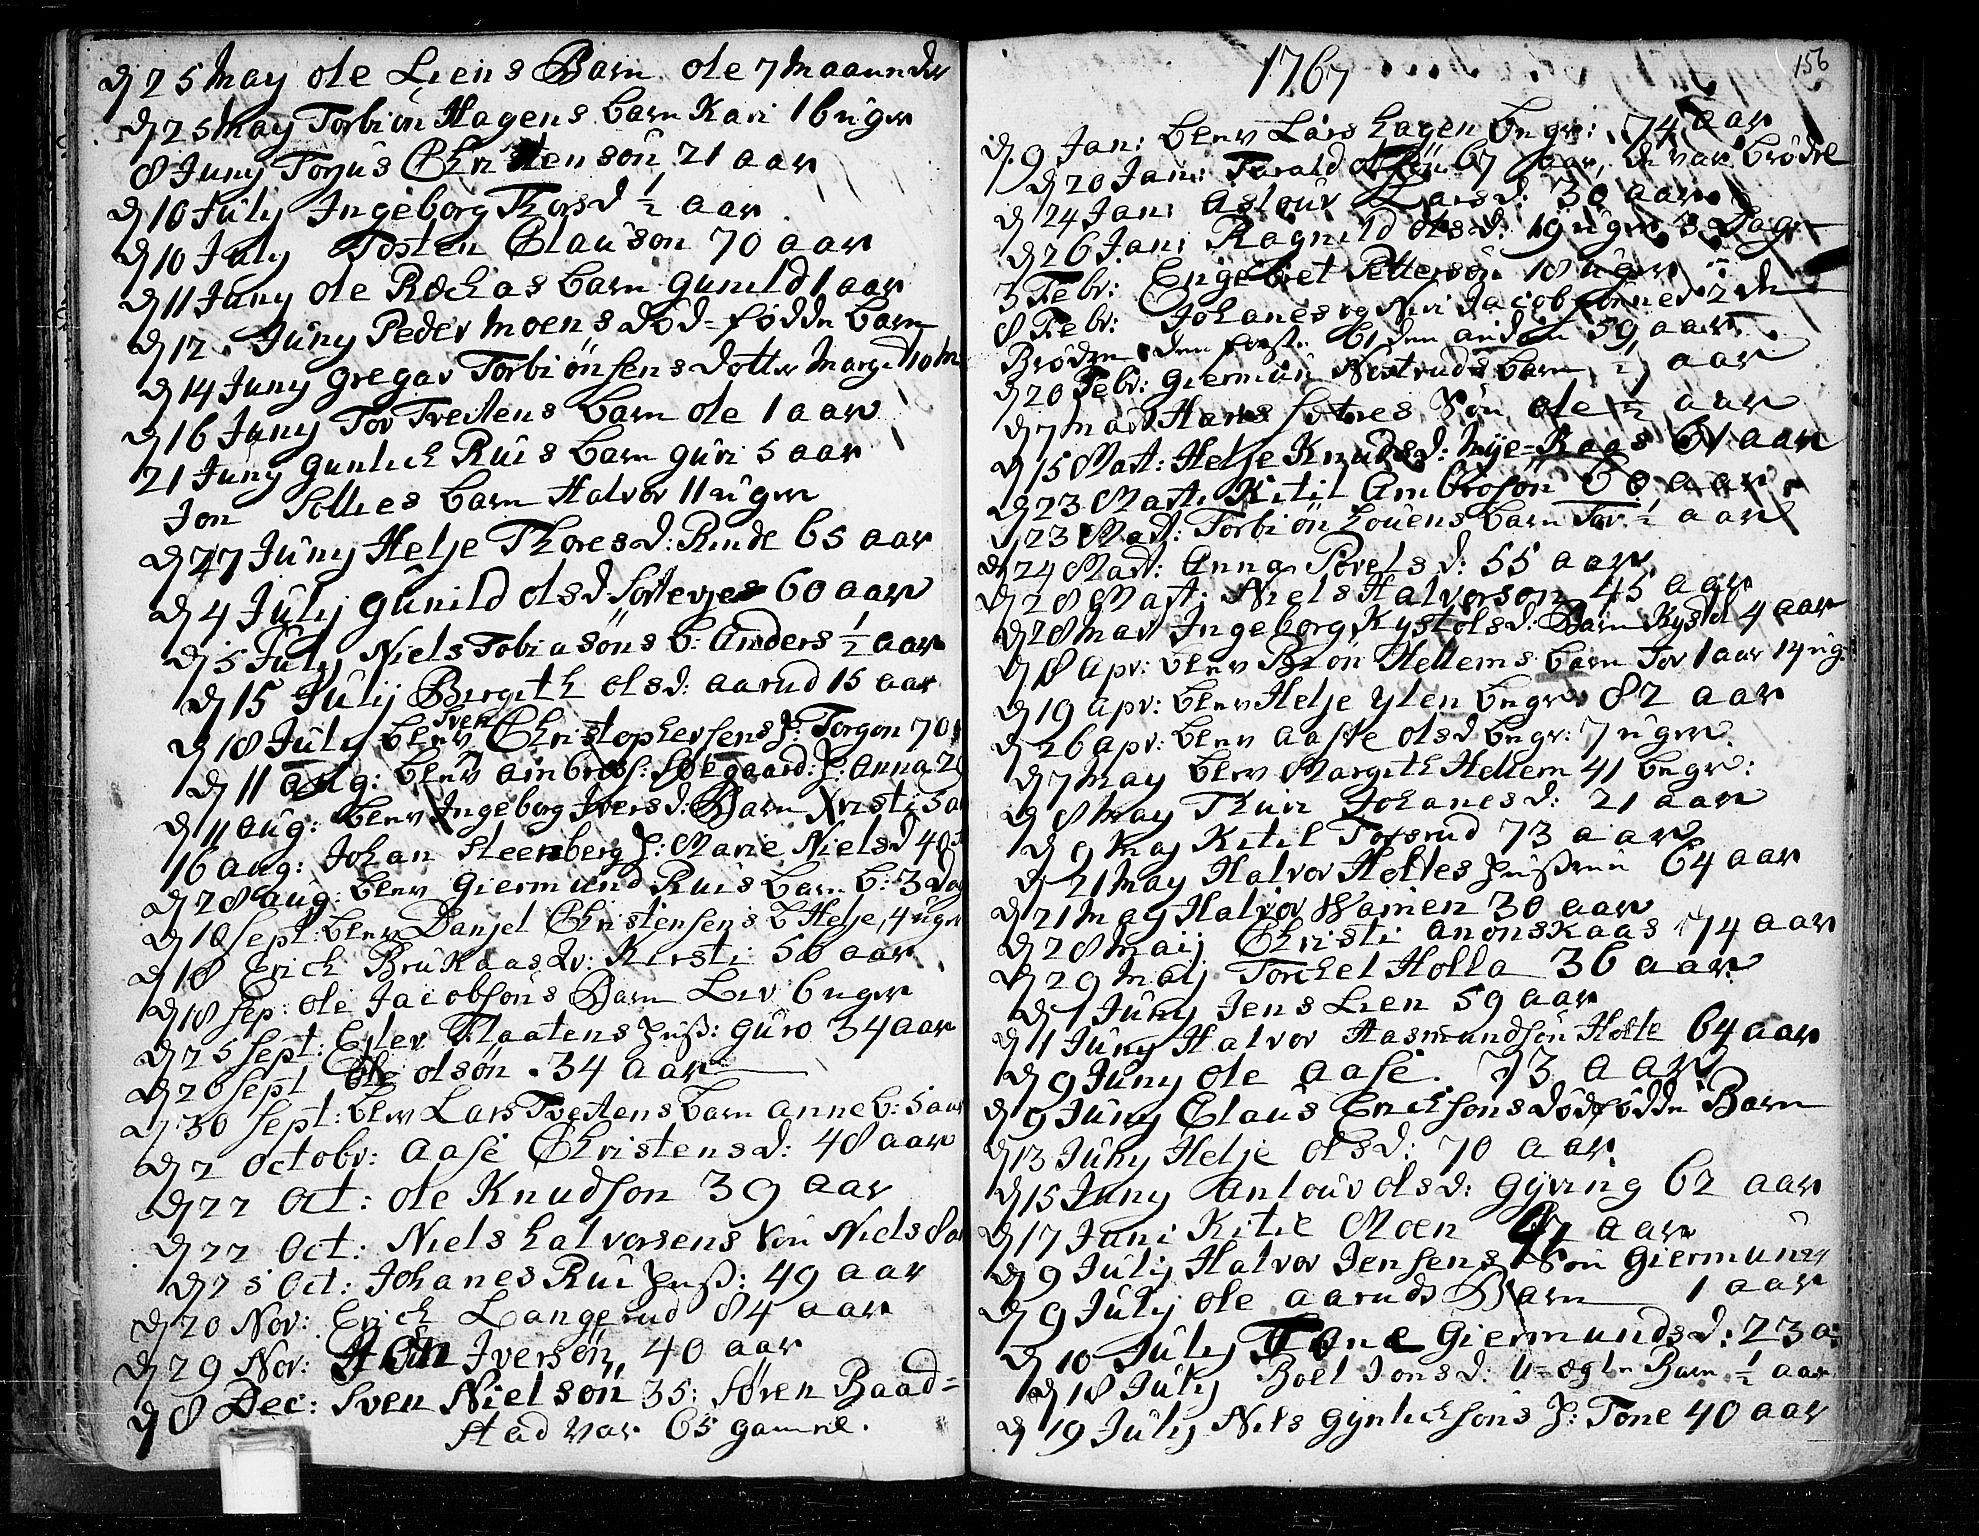 SAKO, Heddal kirkebøker, F/Fa/L0003: Ministerialbok nr. I 3, 1723-1783, s. 156